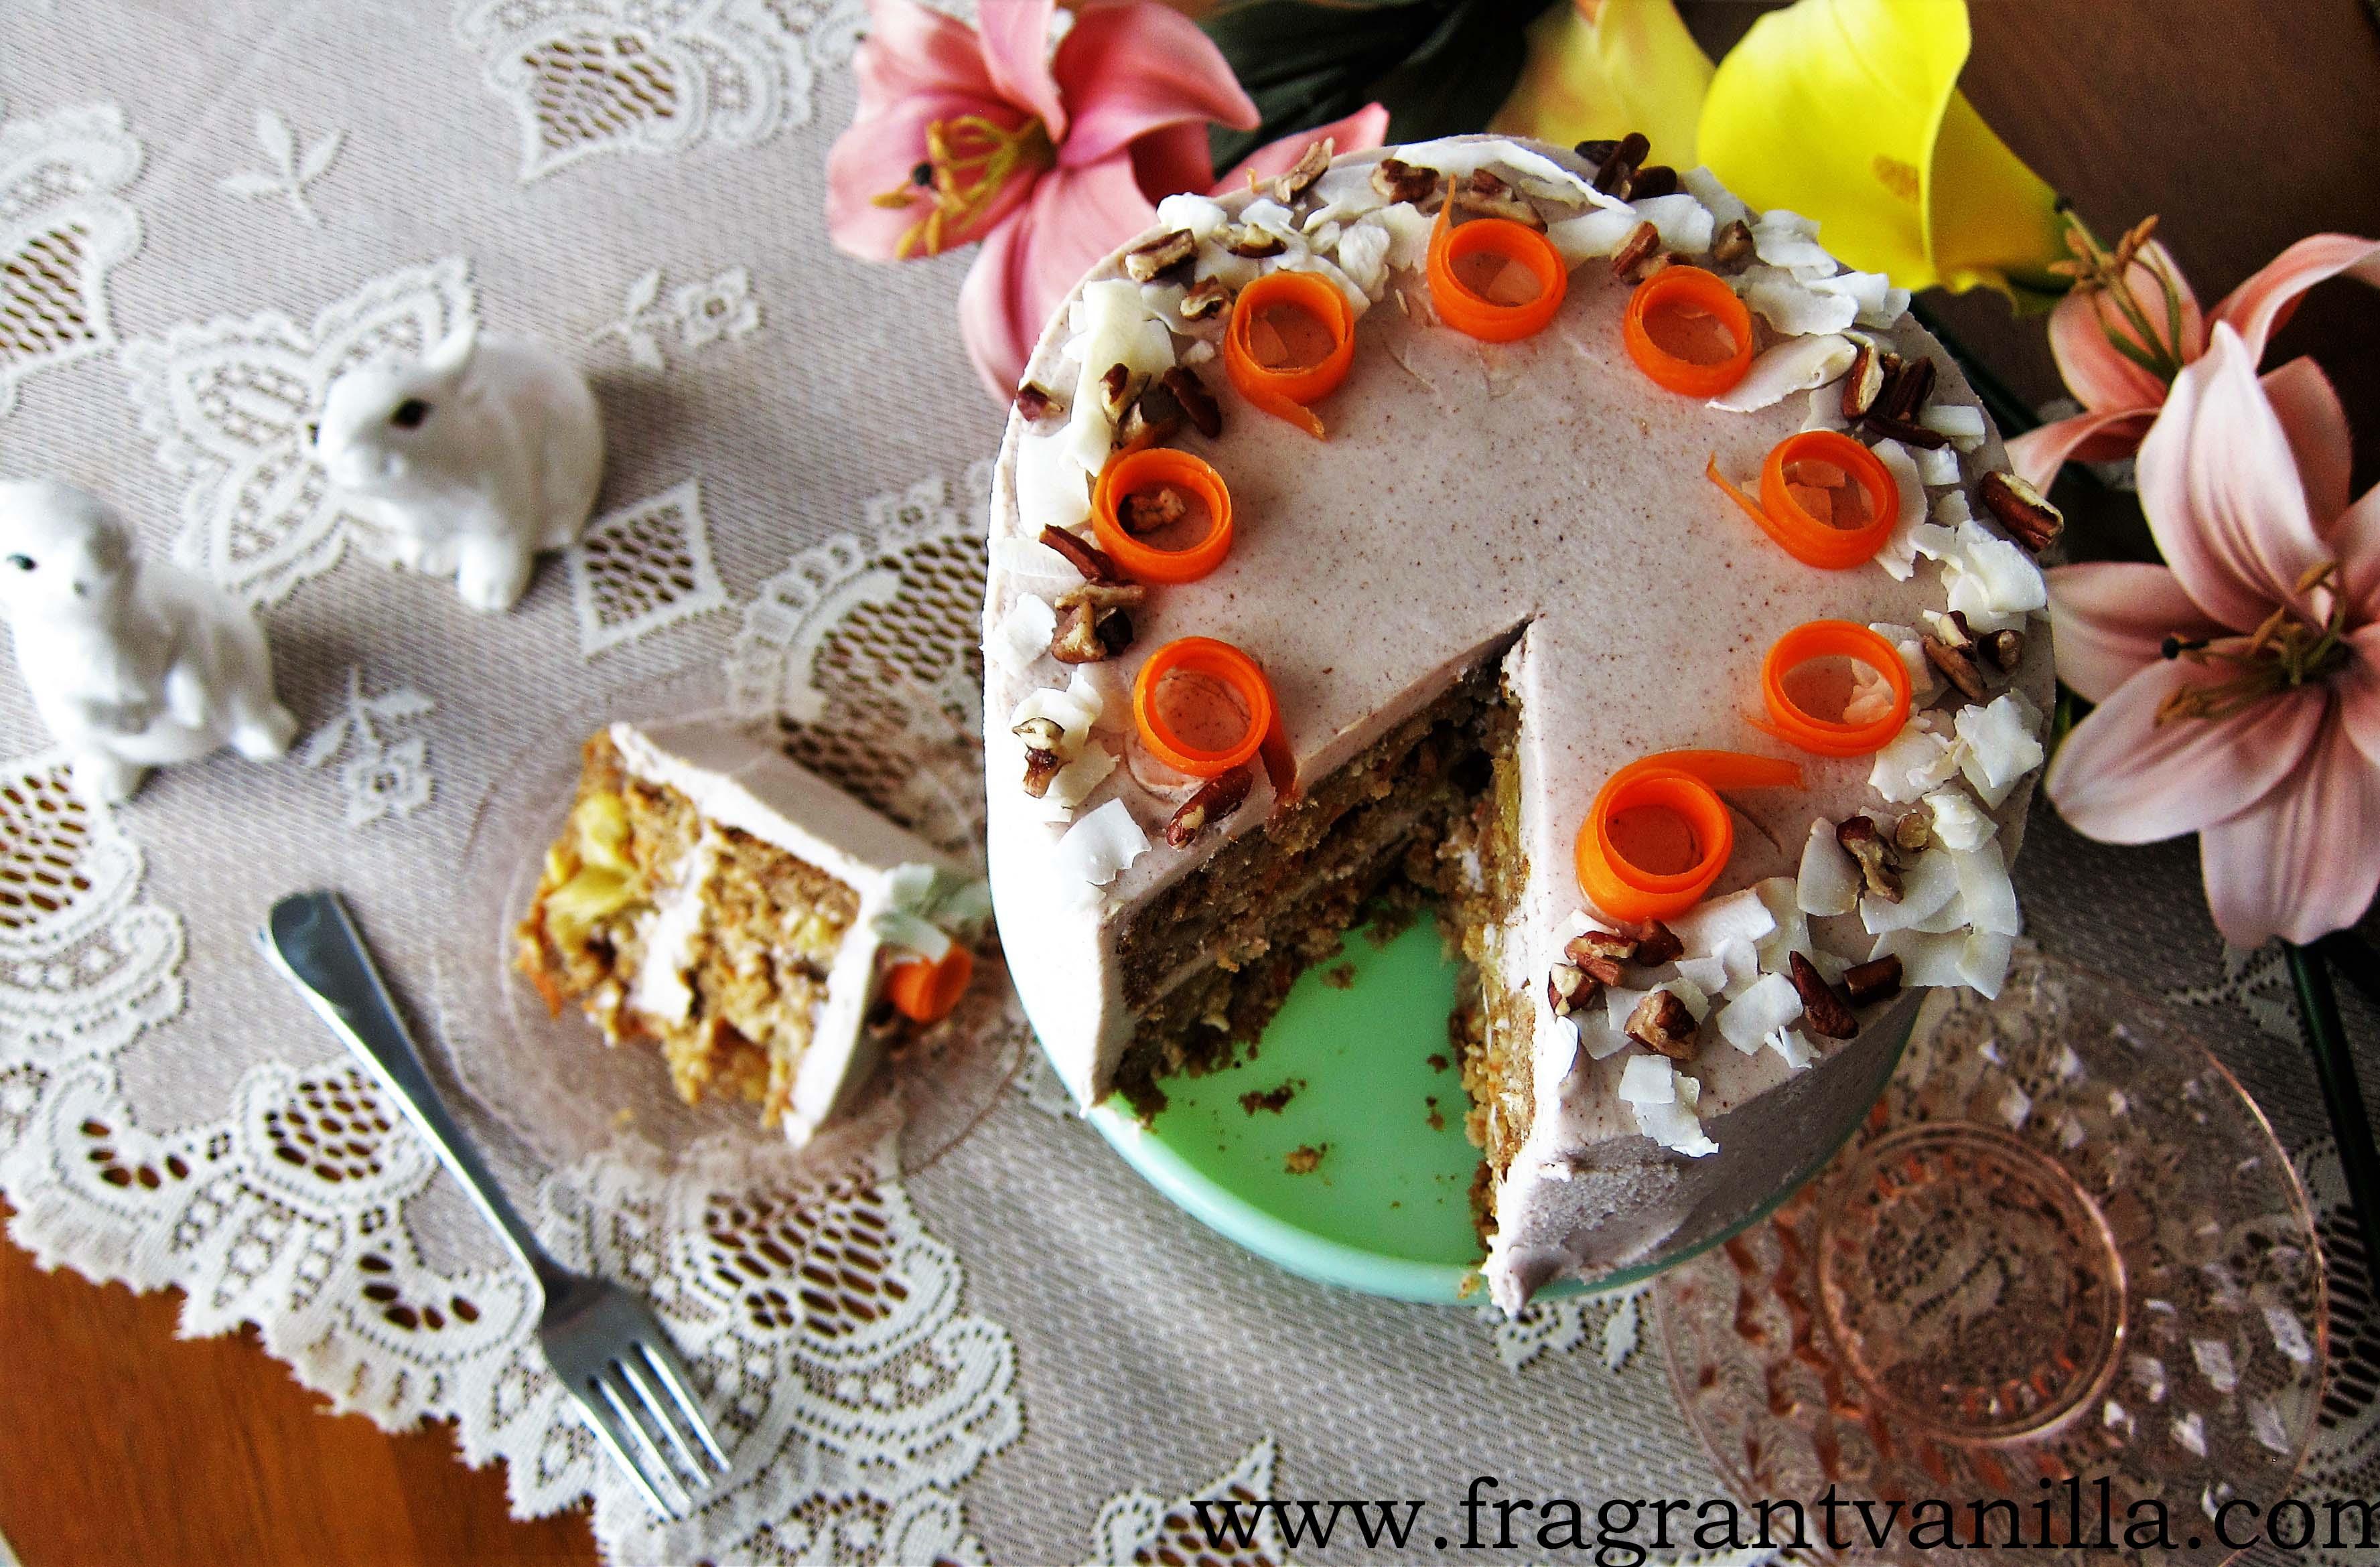 Vegan Festive Carrot Cake